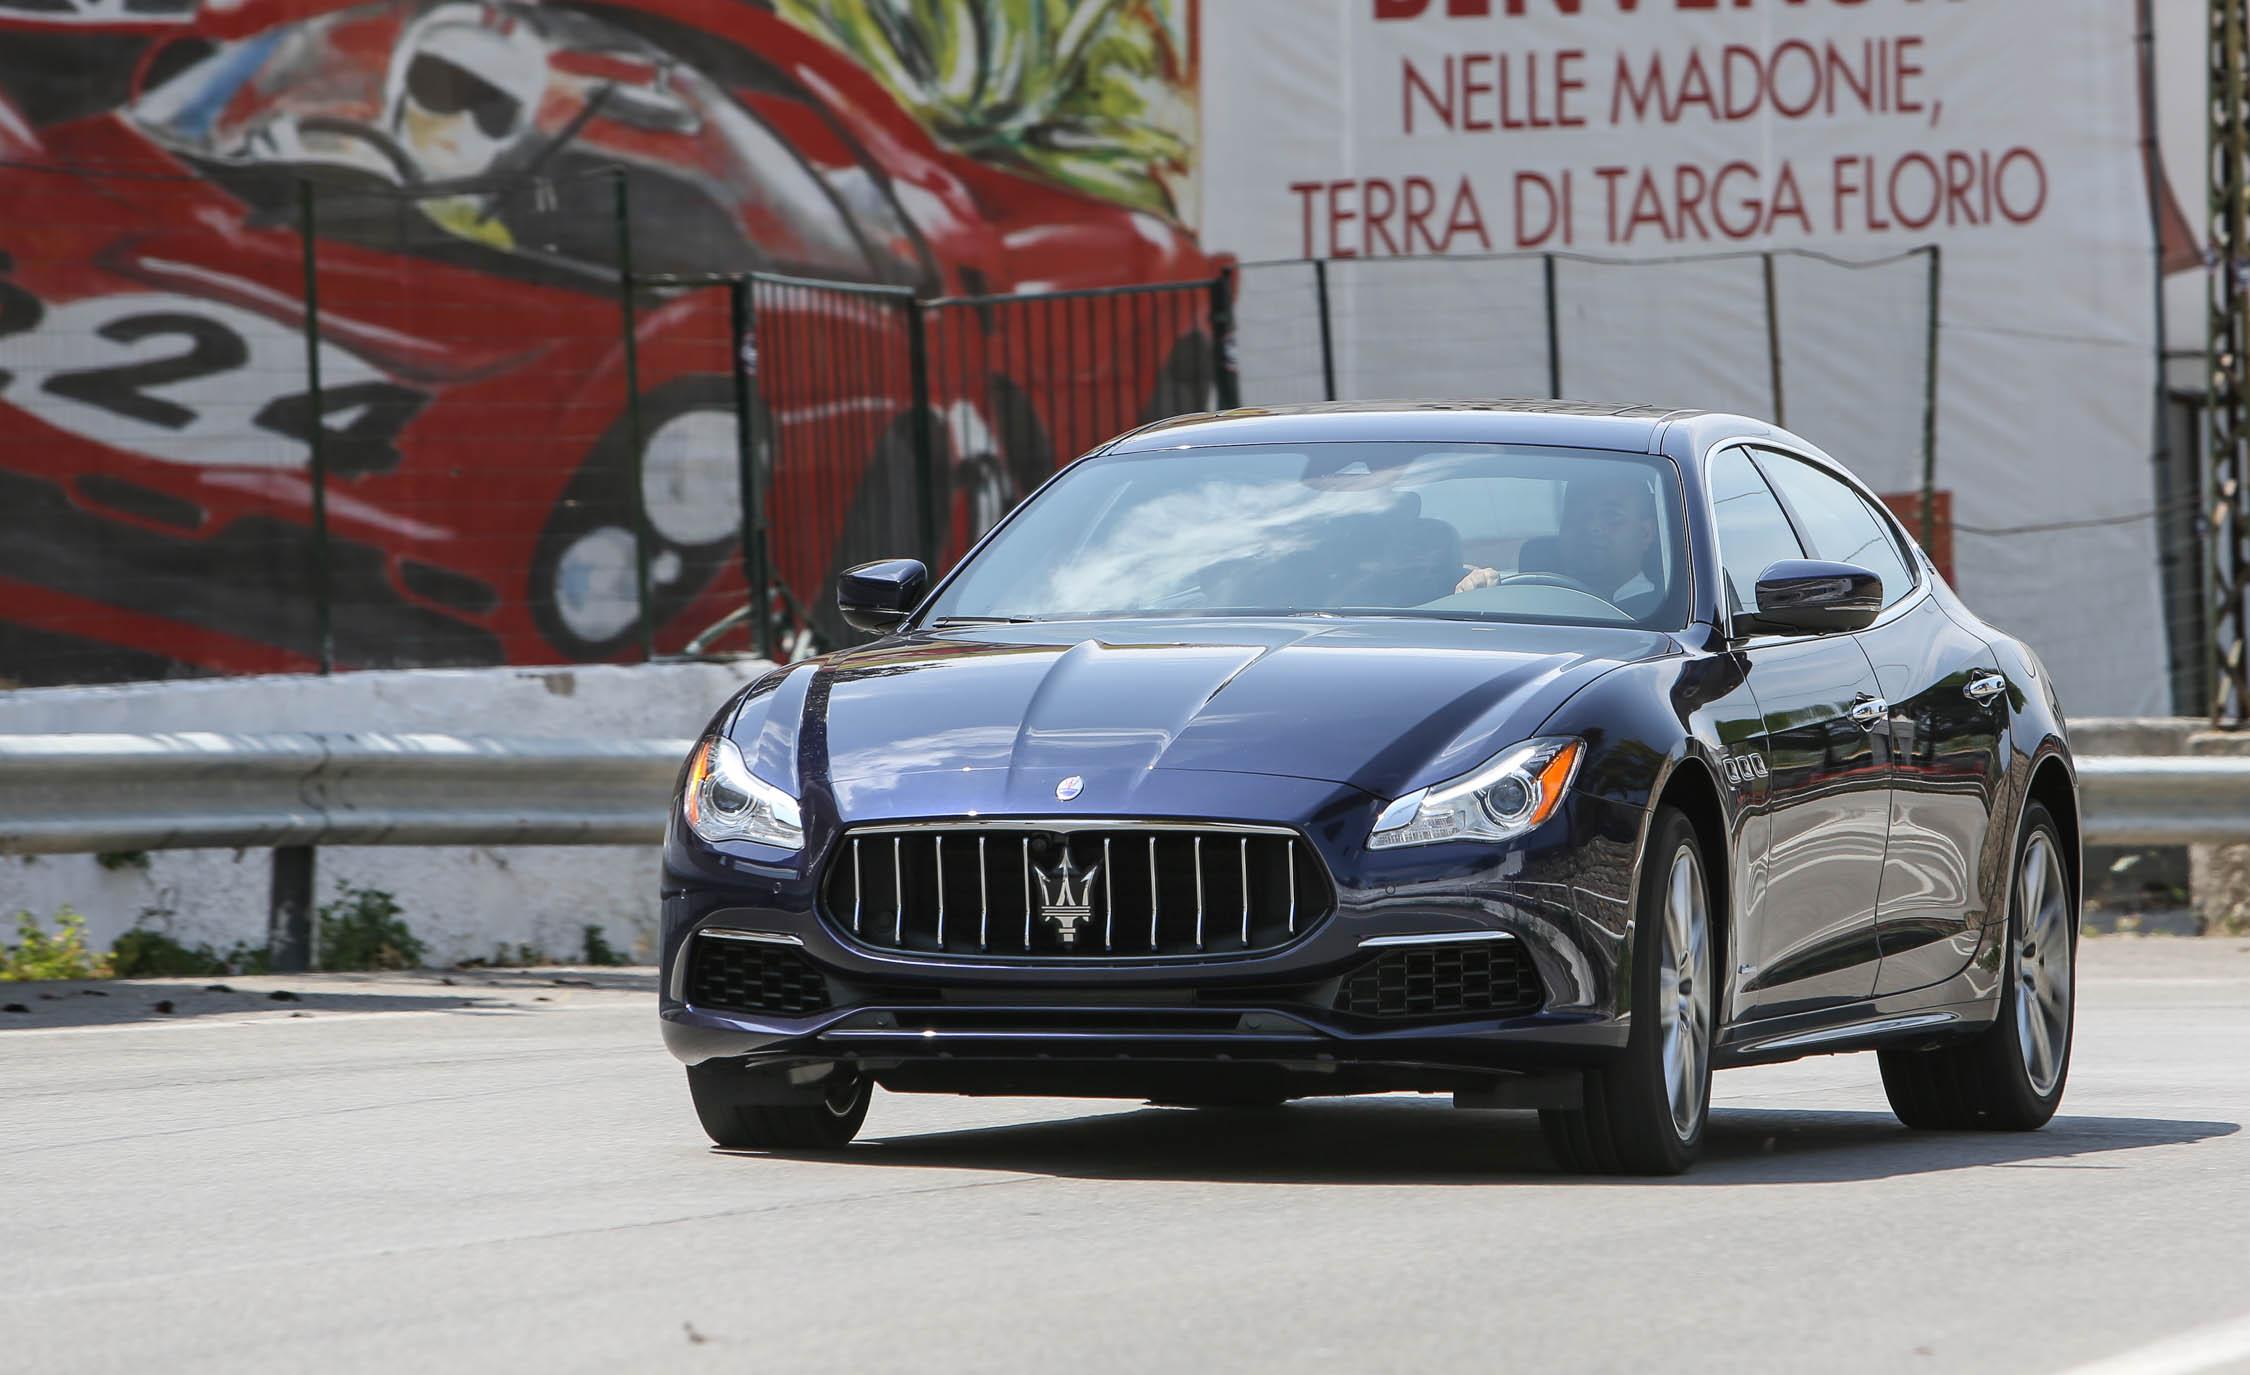 2017 Maserati Quattroporte GTS GranLusso (View 9 of 55)